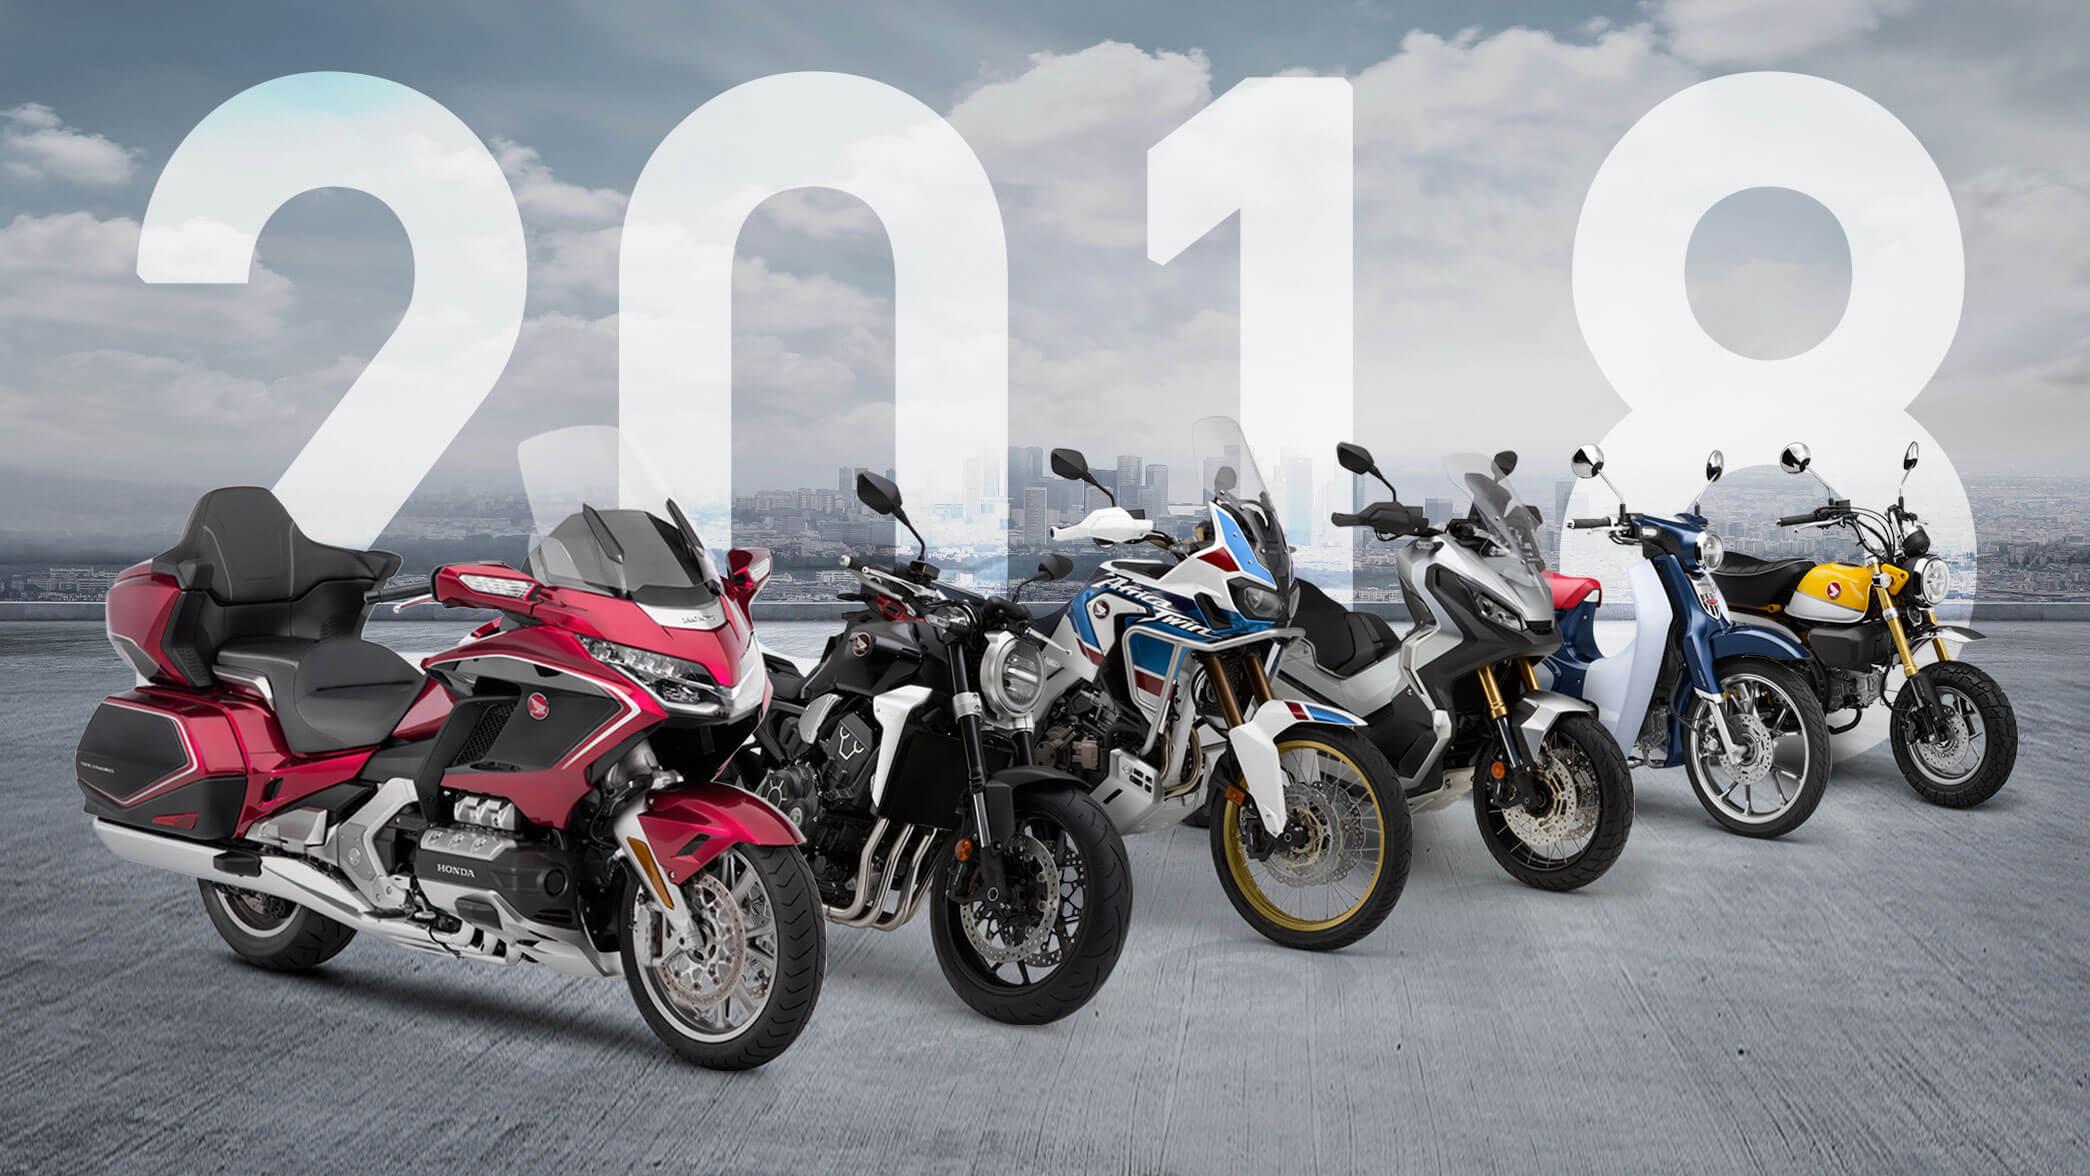 Dlaczego warto kupic motocykl Honda – jakosc, solidnosc, dusza (1)